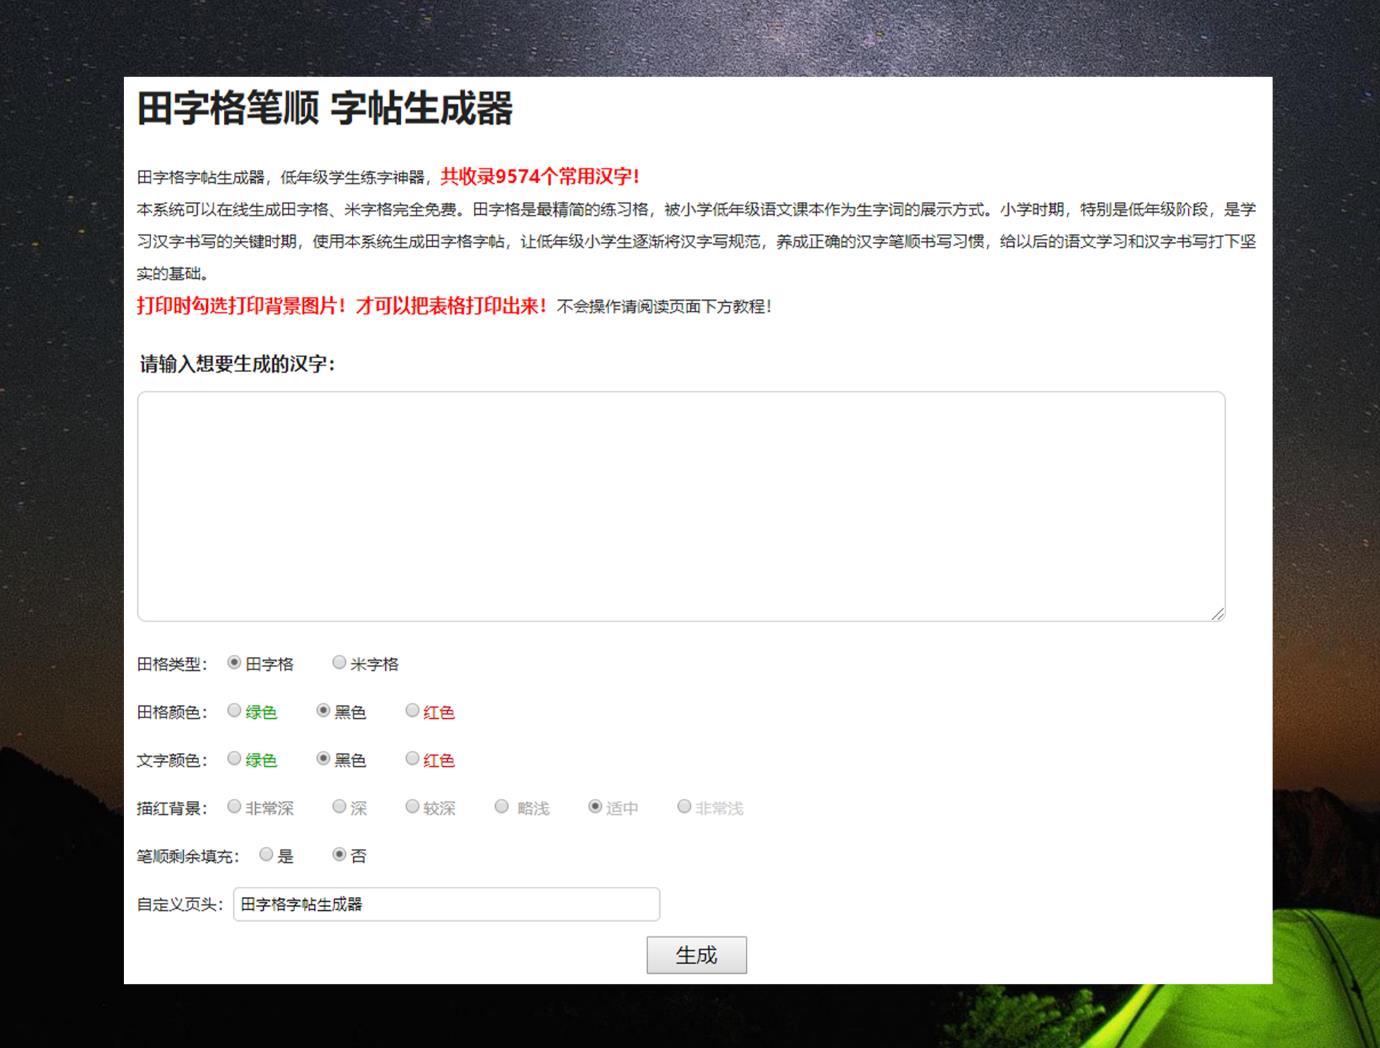 汉字笔顺在线生成器HTML网页源码